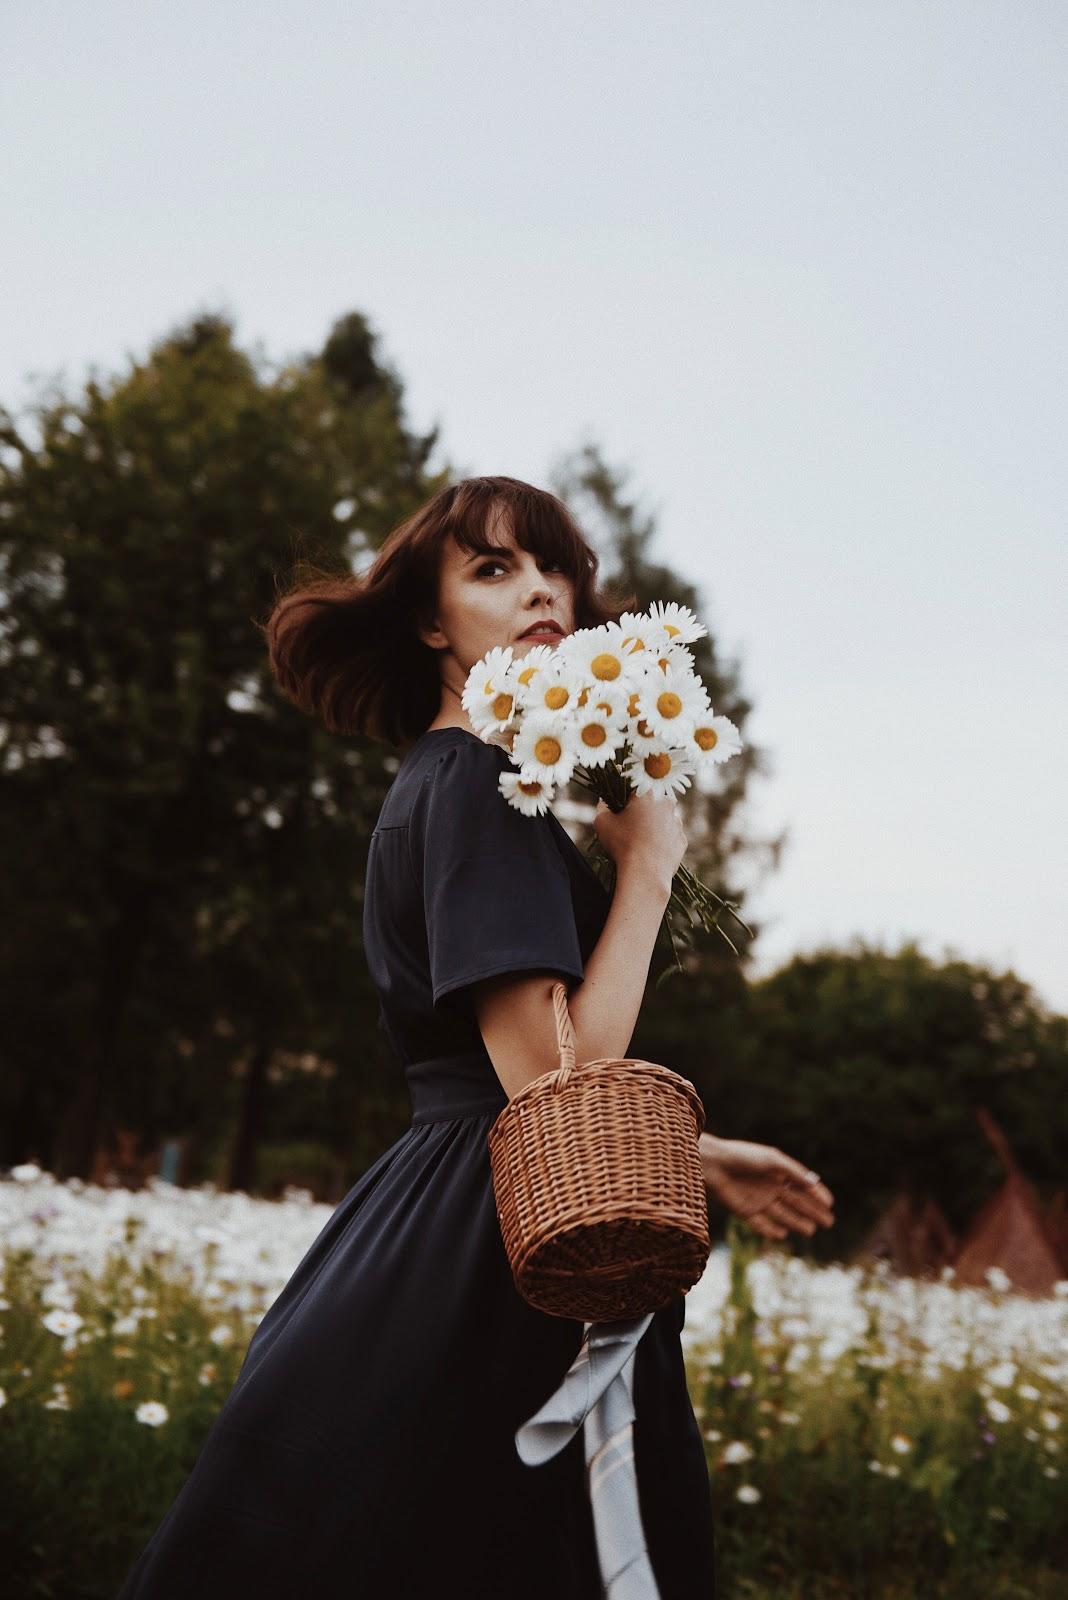 Фото Девушка Kamila Mraz с ромашками в руках стоит на фоне цветущих ромашек, by Mateusz